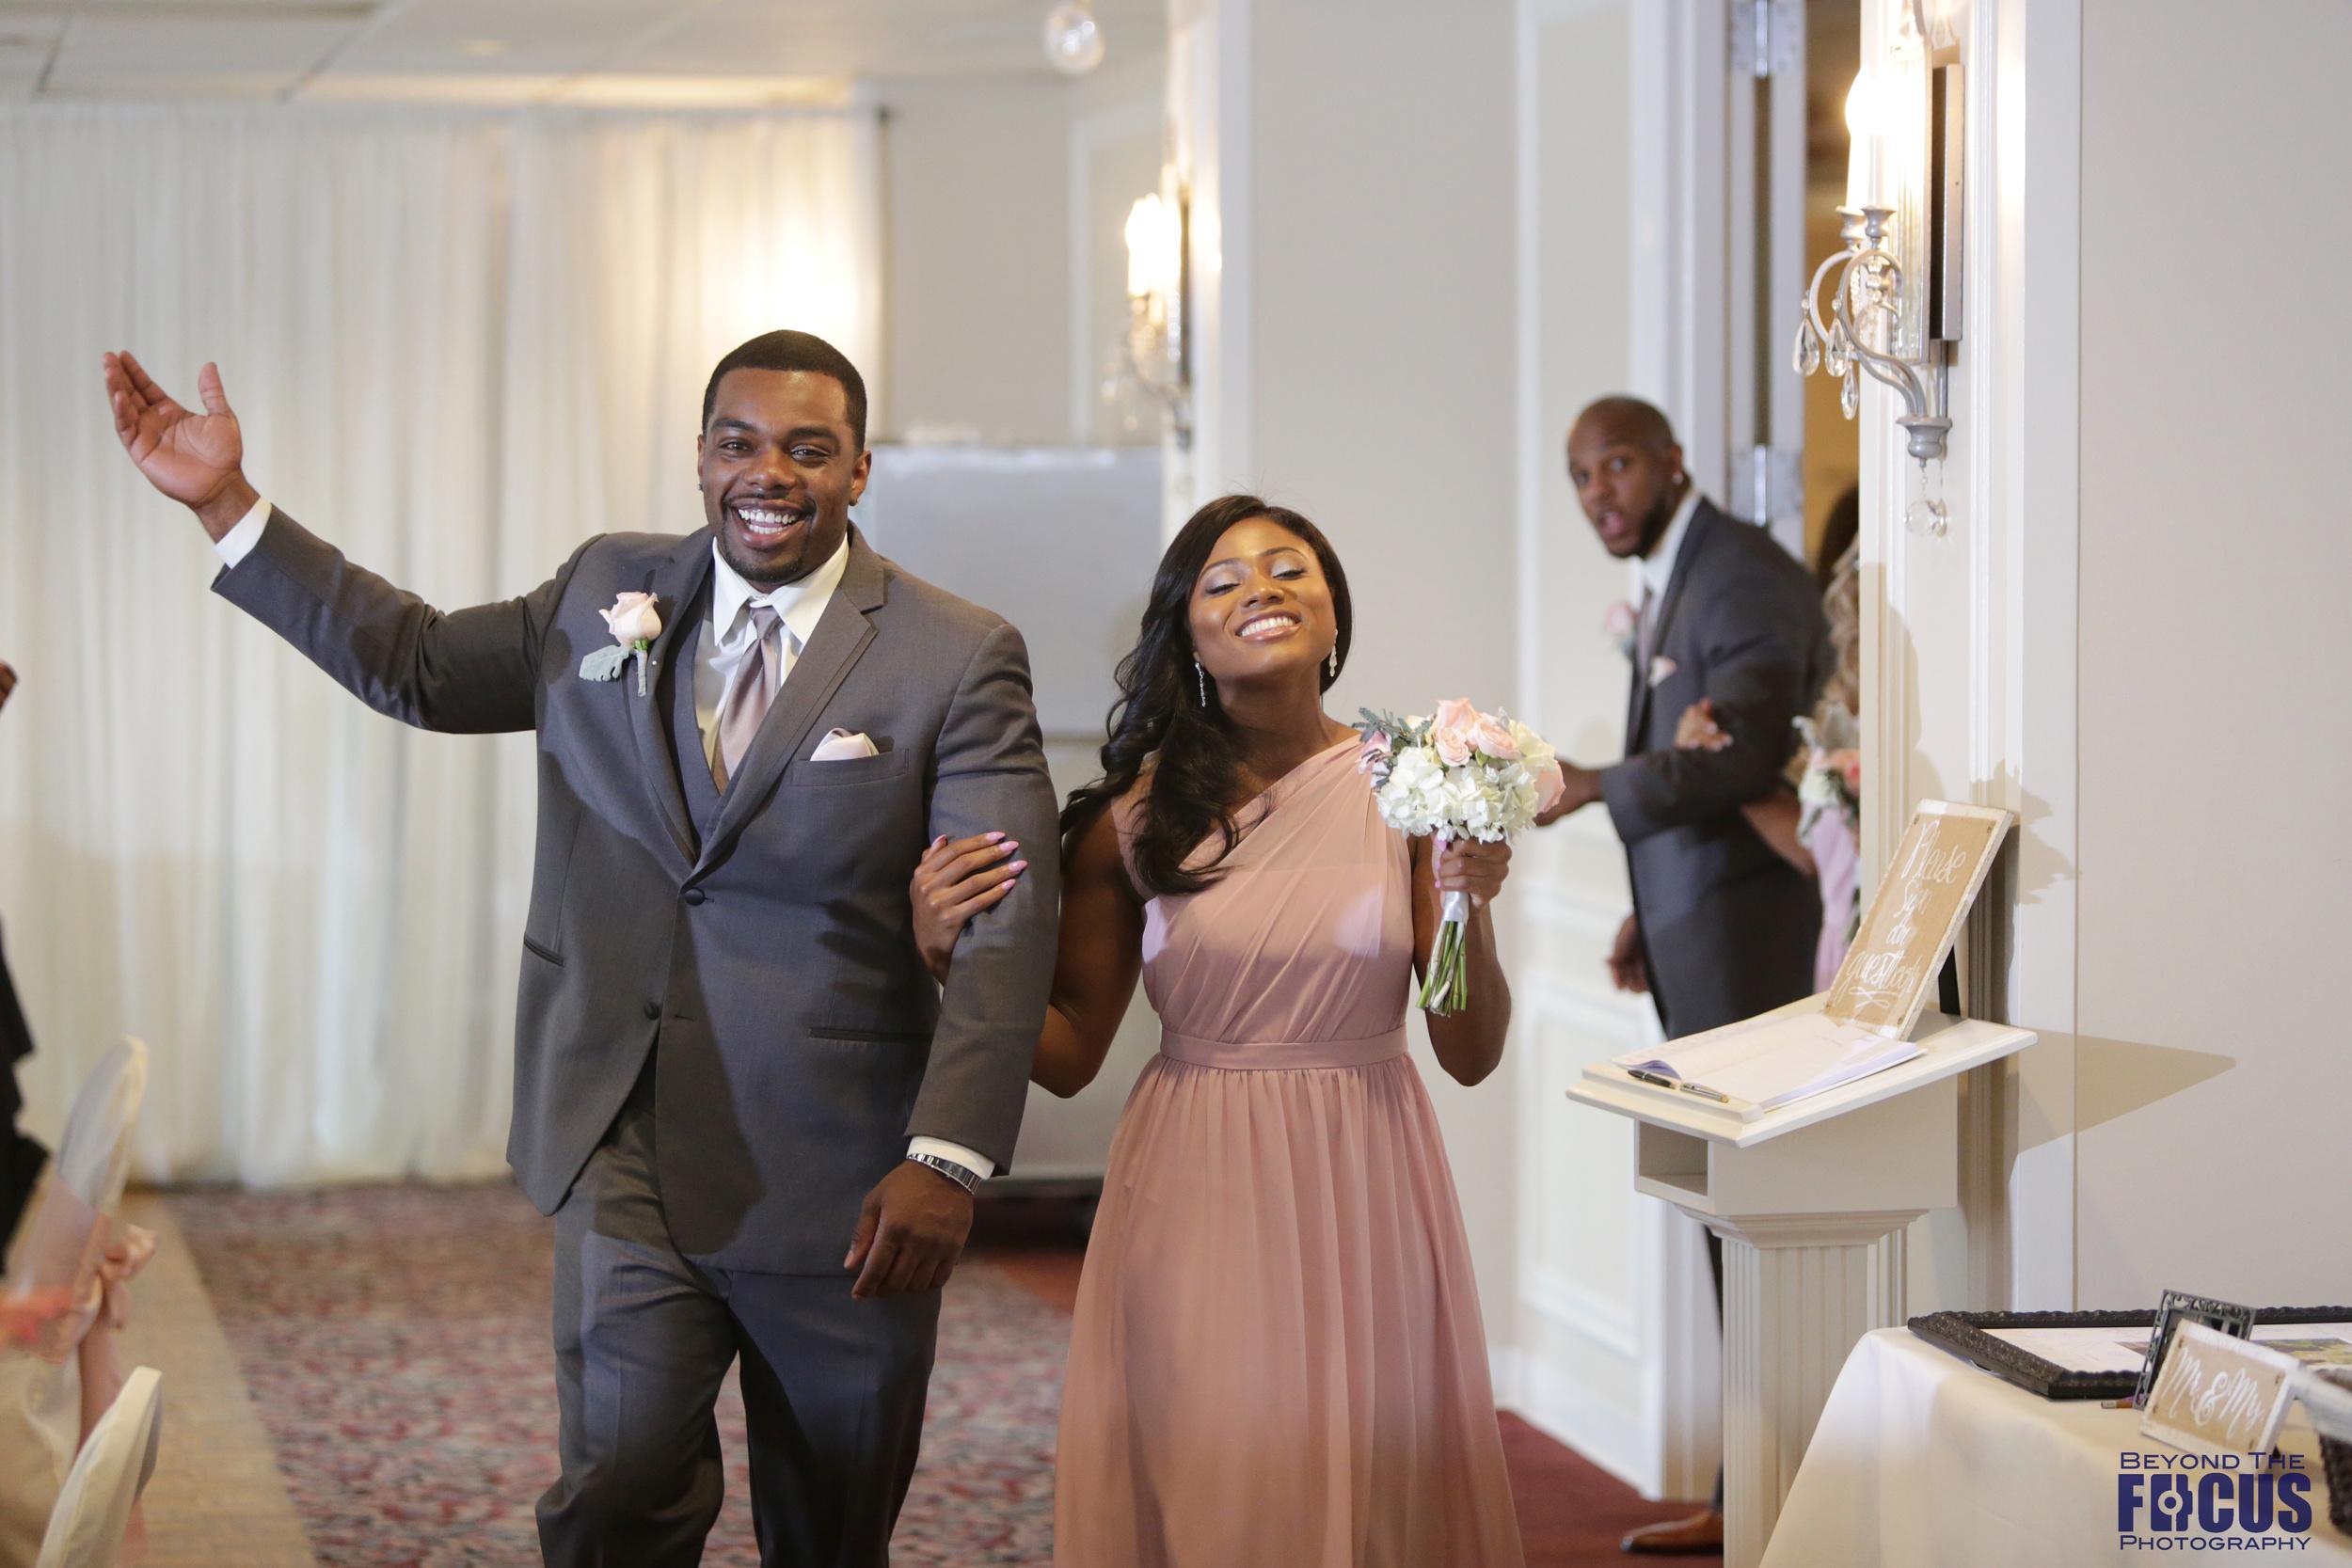 Palmer Wedding - Wedding Reception34.jpg